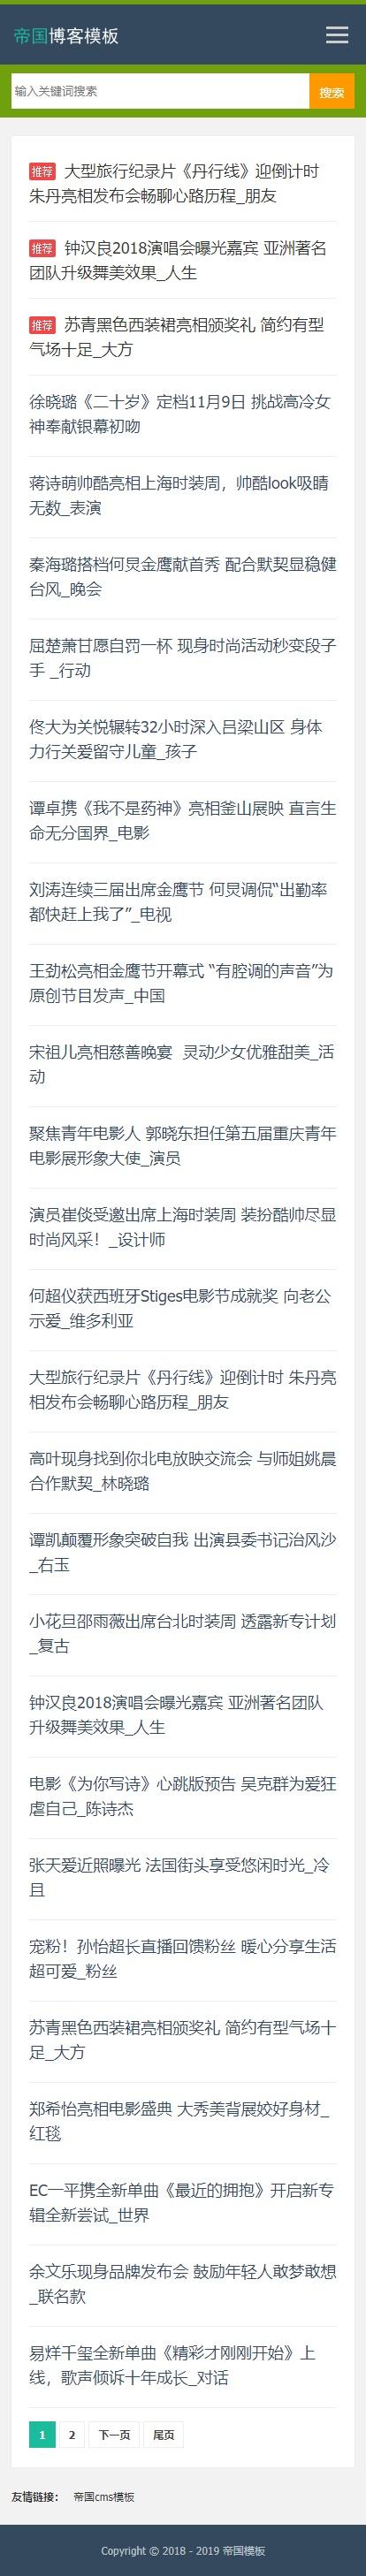 帝国cms响应式自适应手机文章资讯博客通用网站模板_手机版首页